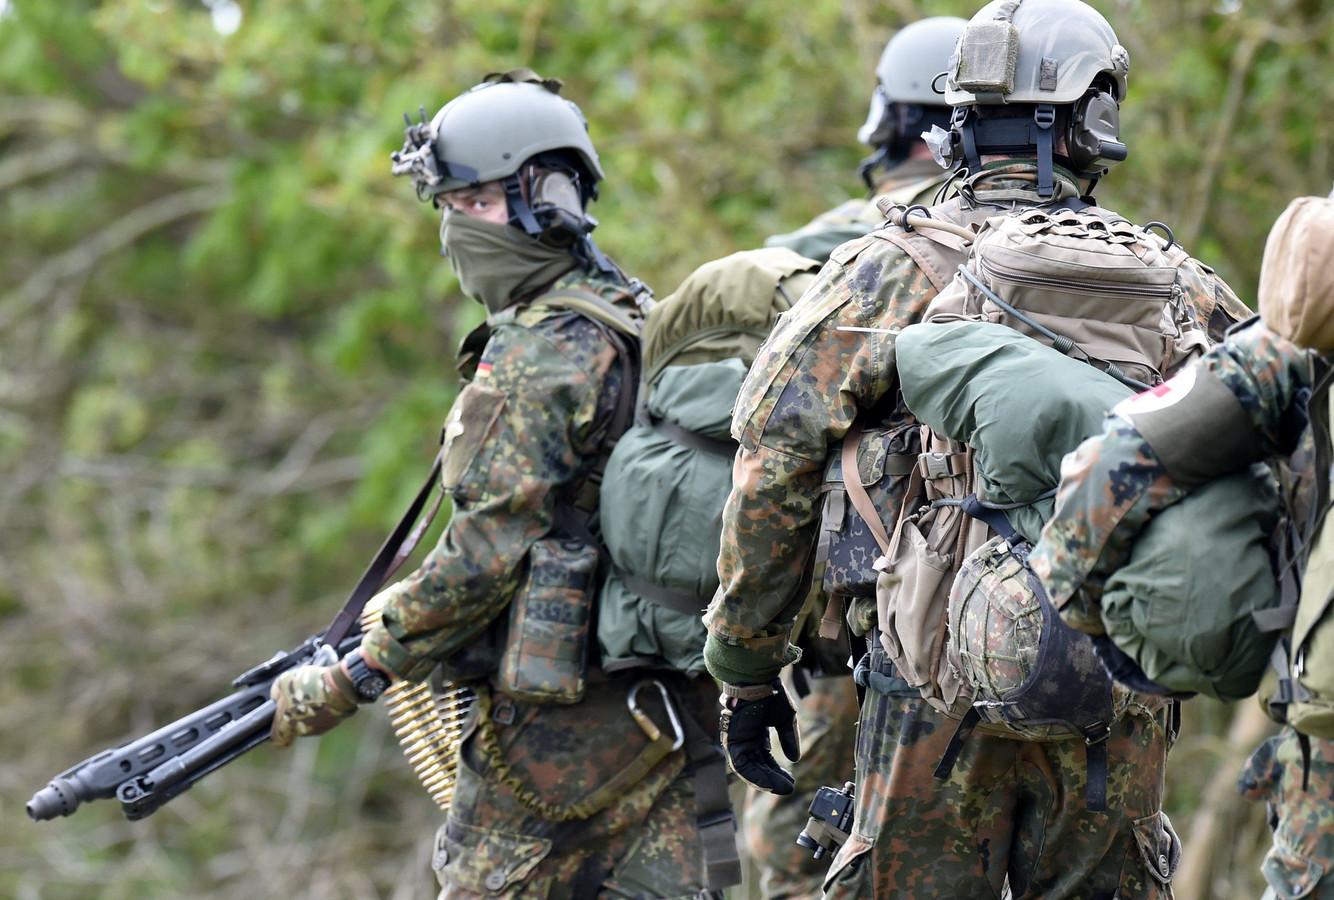 Parachutisten van de Duitse commandotroepen tijdens een militaire oefening in 2017 bij het Noord-Duitse Husum.